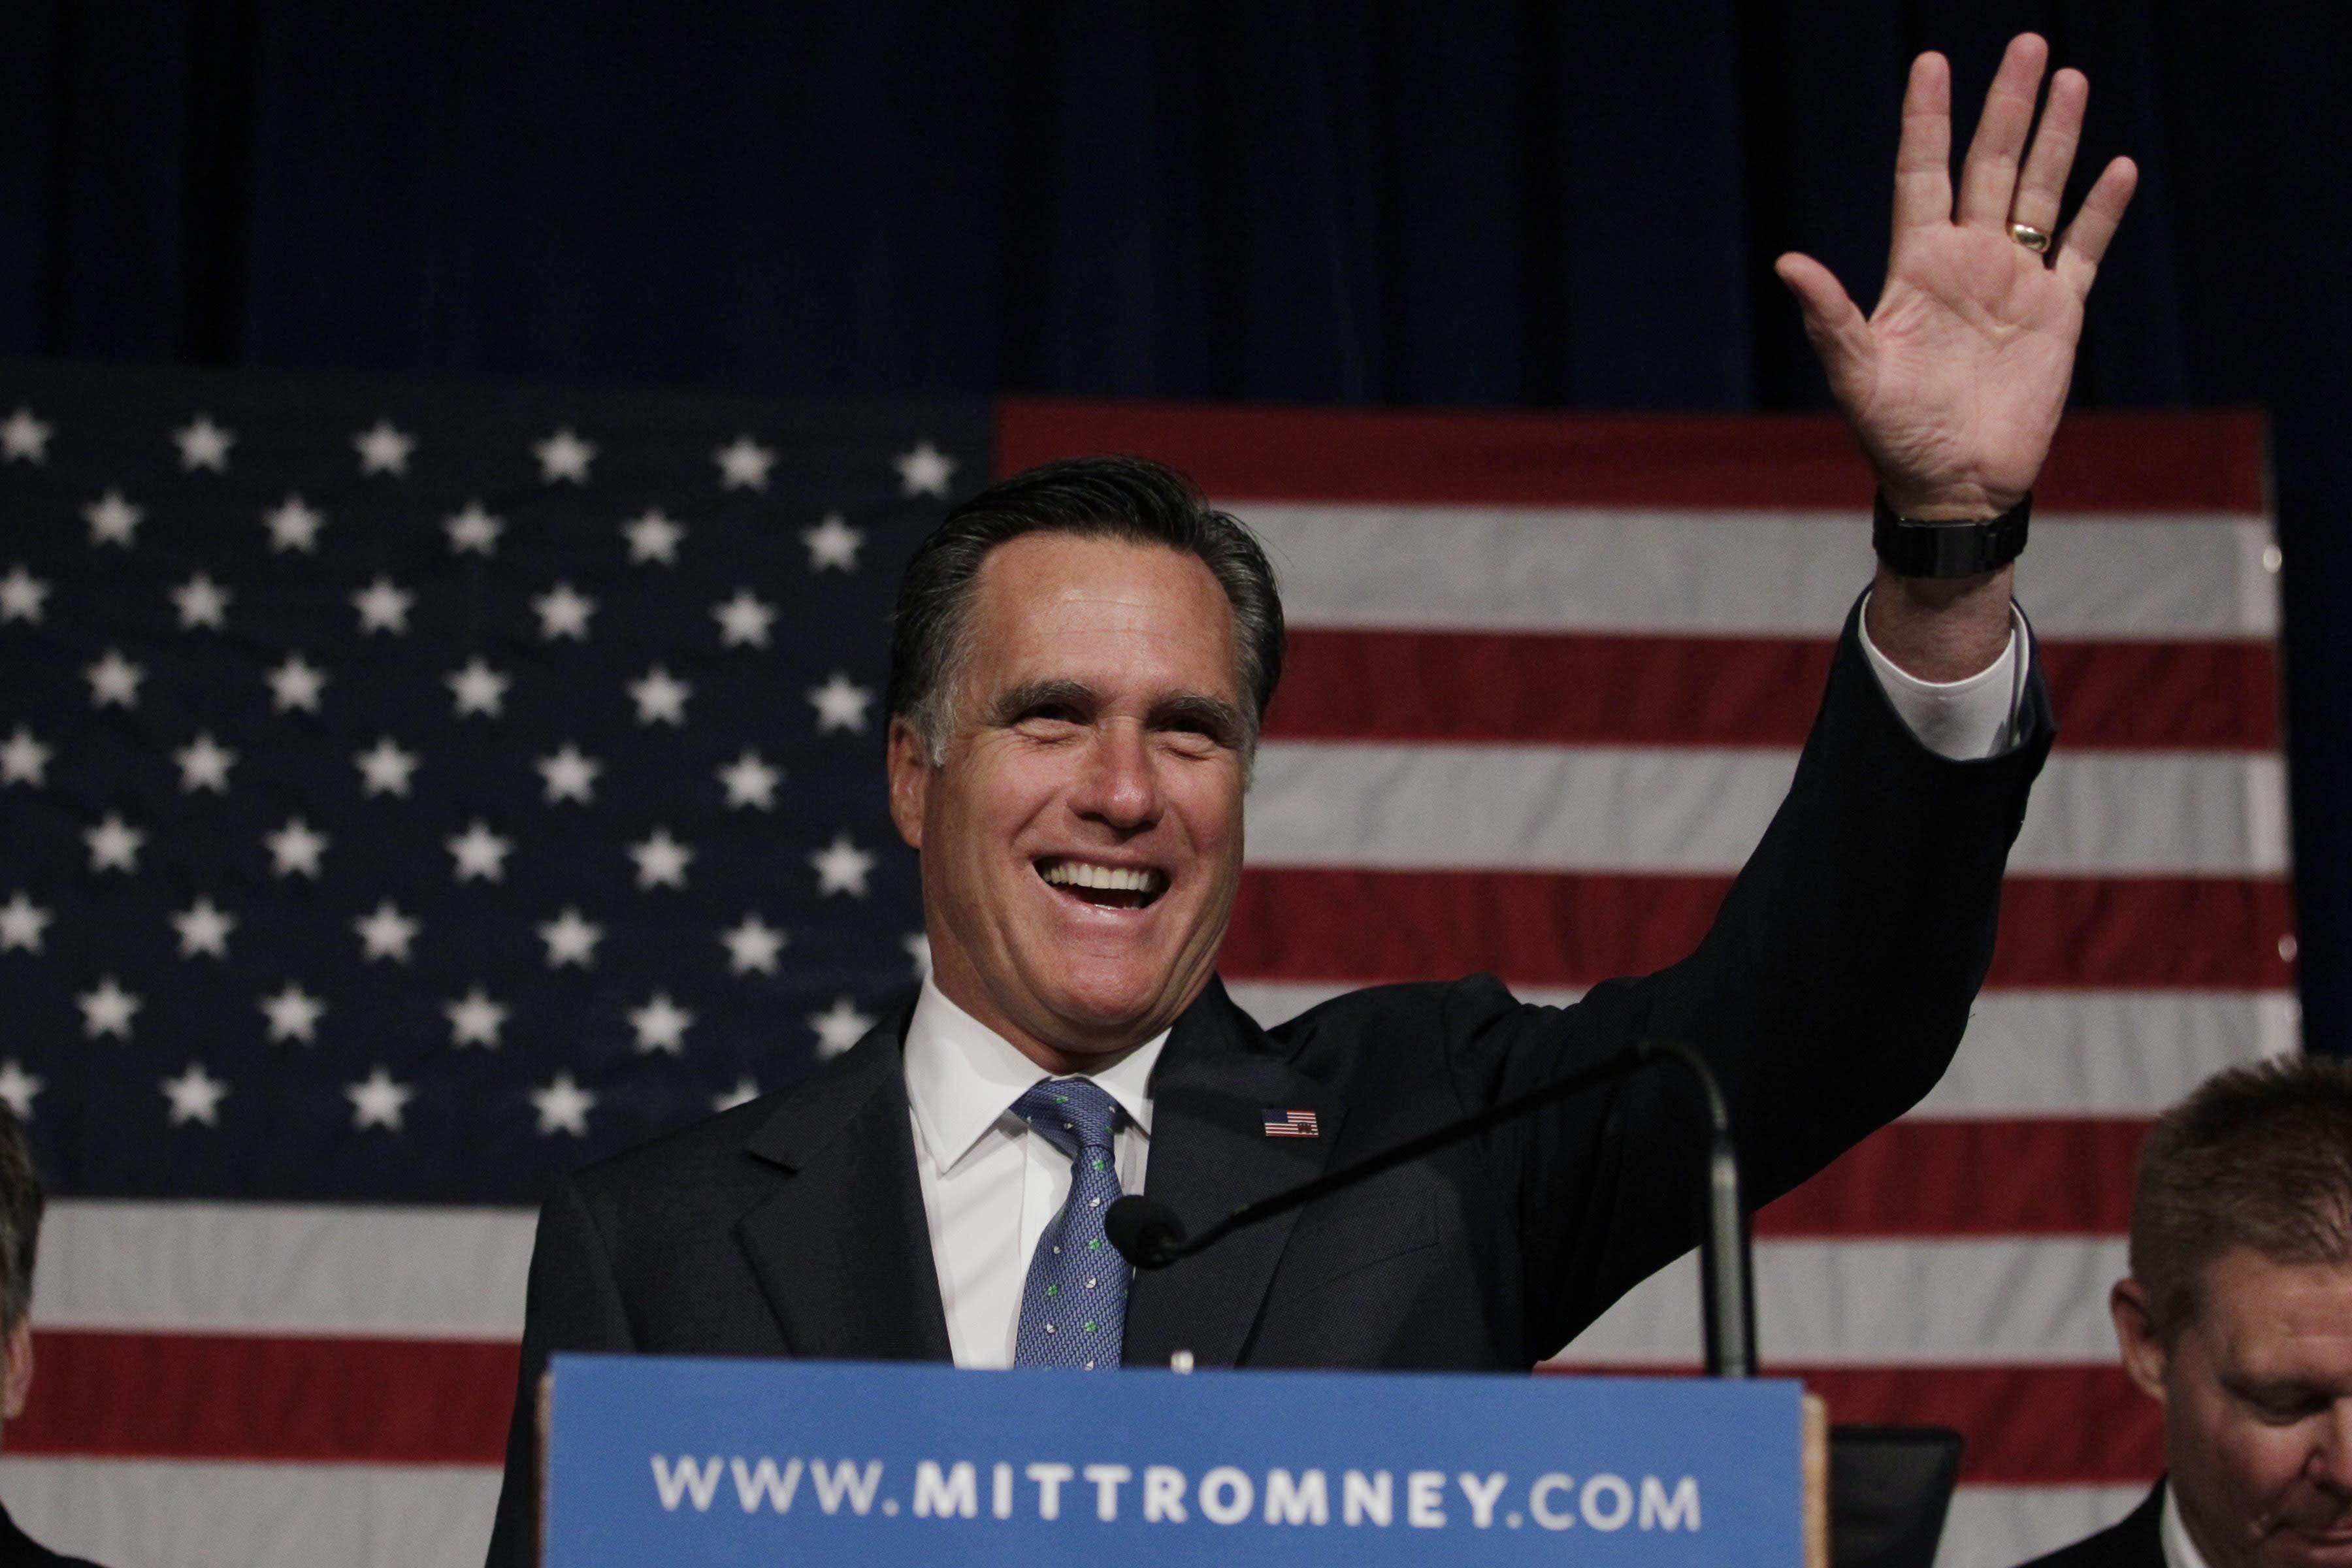 Mitt romney's real lgbt record